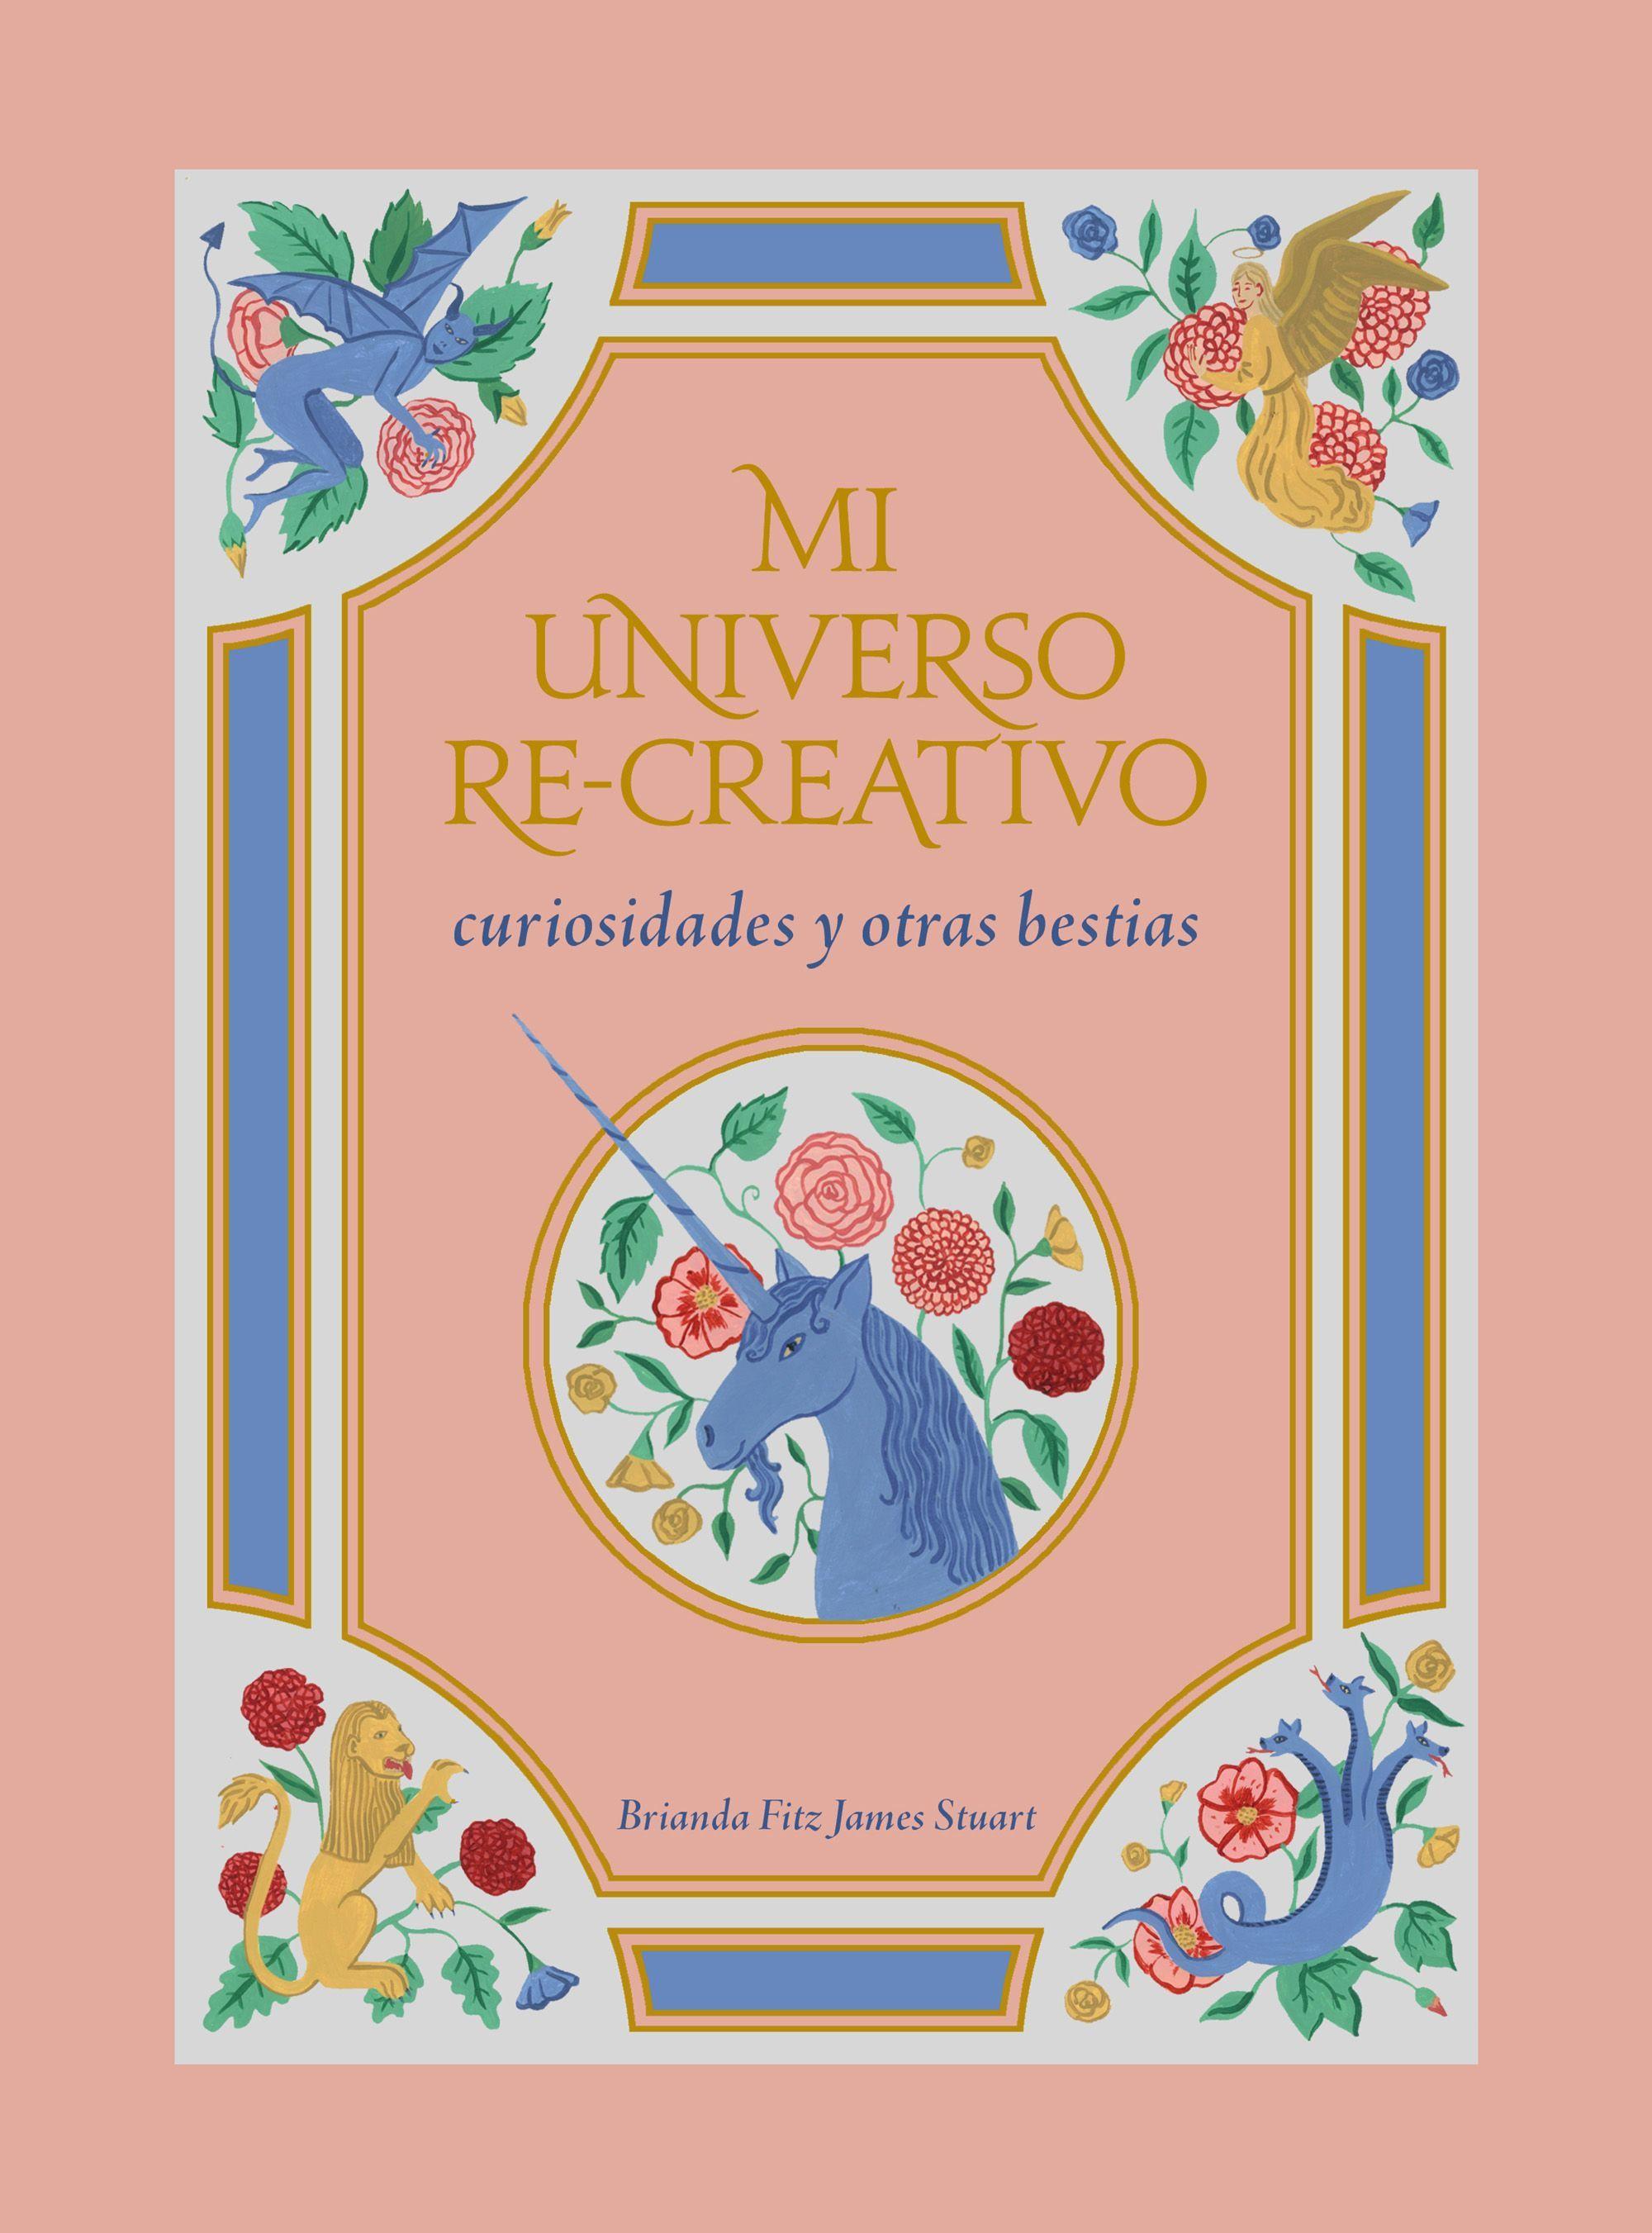 Brianda Fitz James Stuart publica 'Mi universo re-creativo'